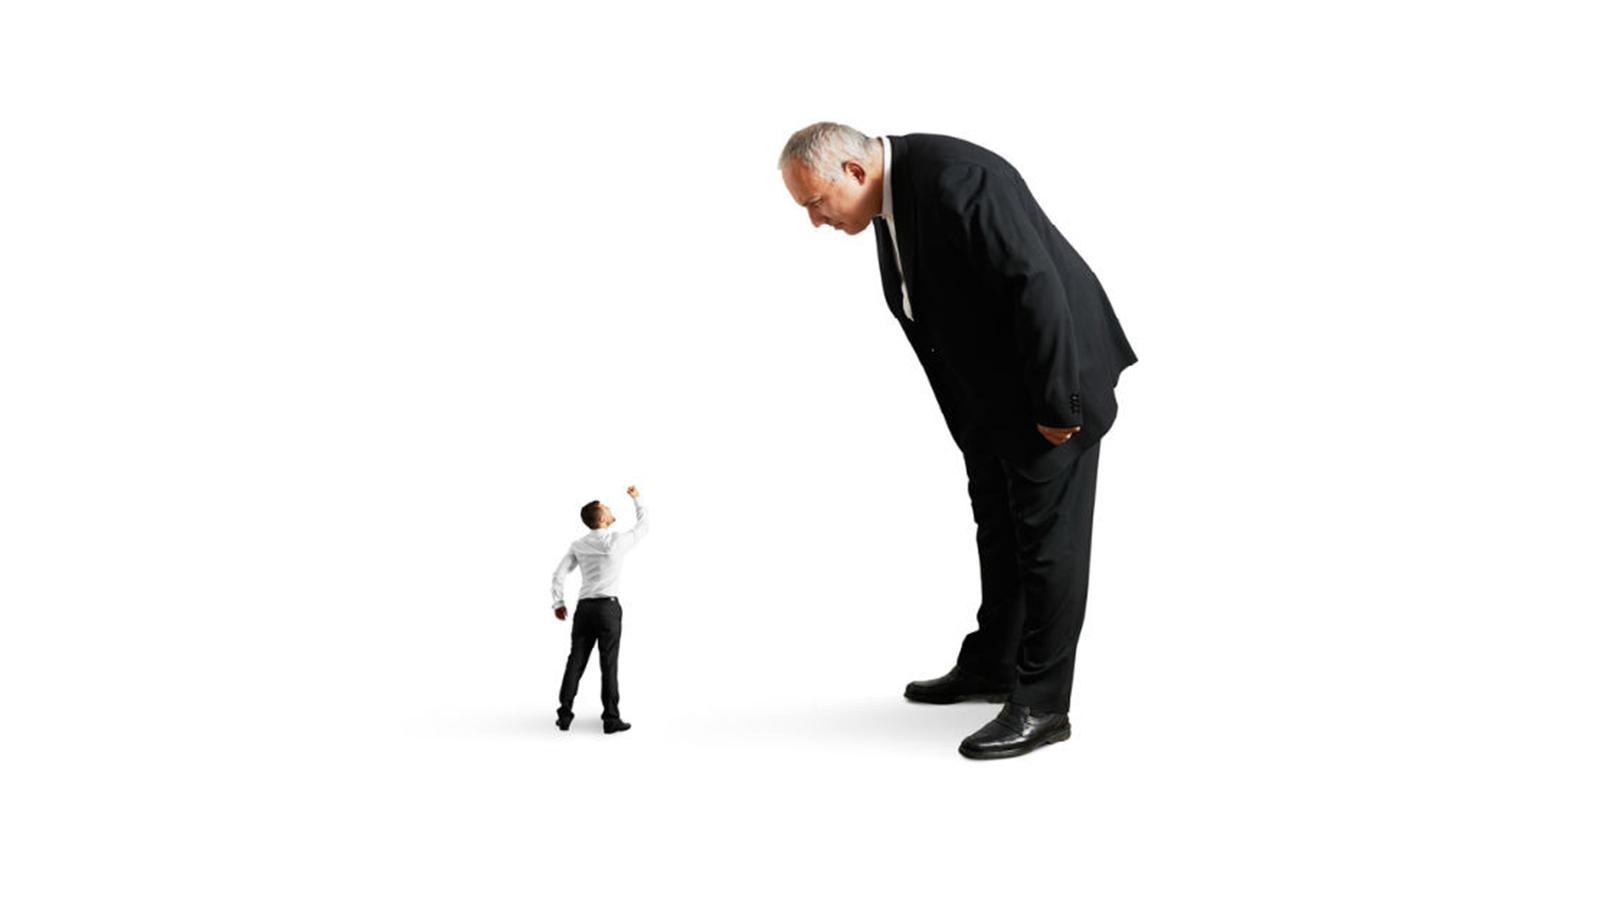 قانون پیتر – یا چرا اکثر مدیران سازمانهای بزرگ احمق و بیسوادند